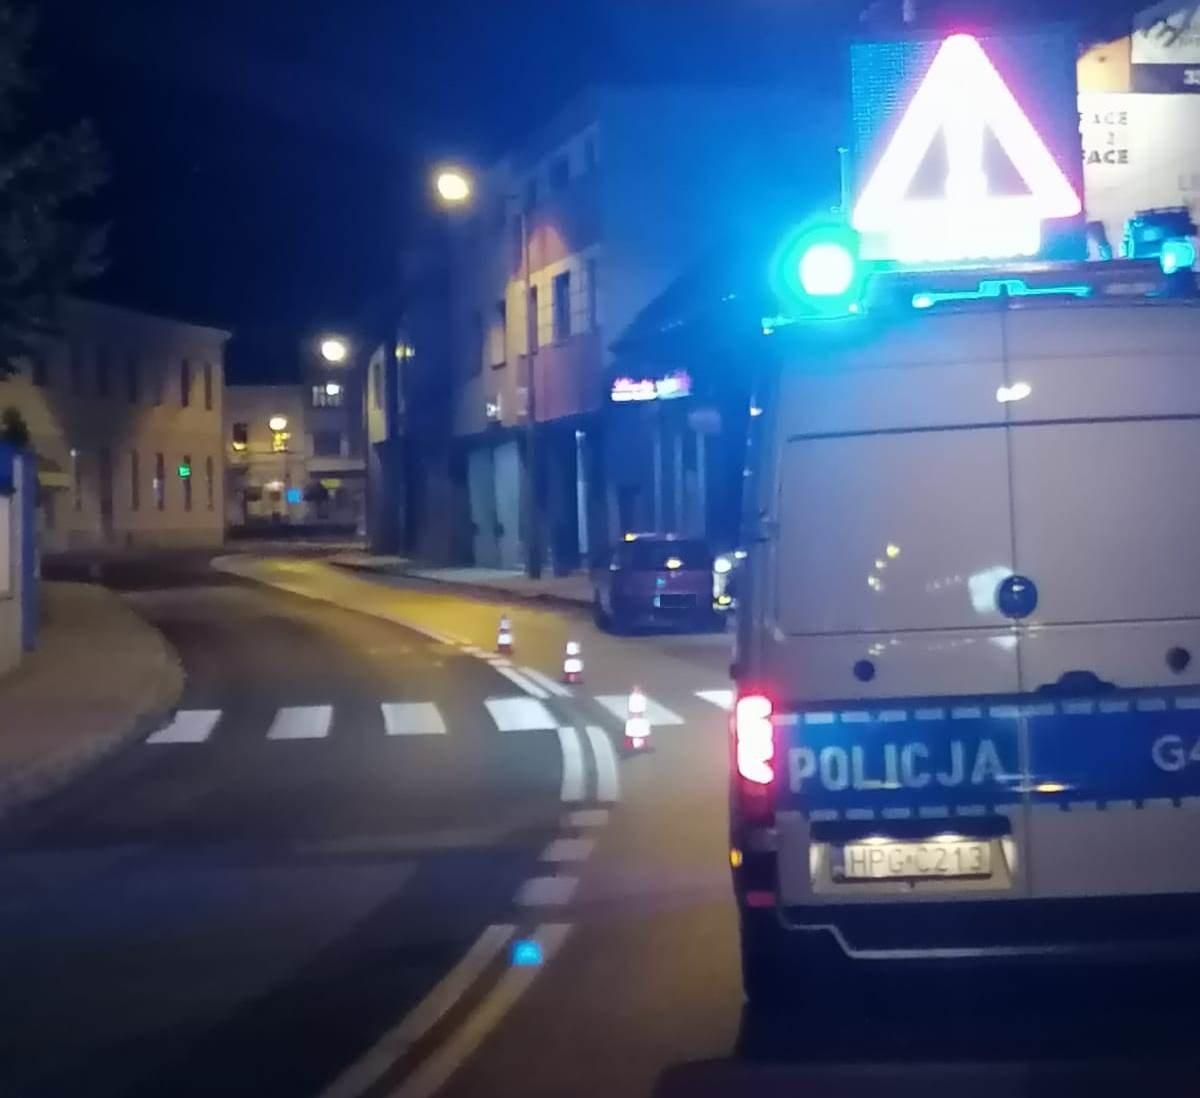 Potrącenie na przejściu dla pieszych, kobieta trafiła do szpitala